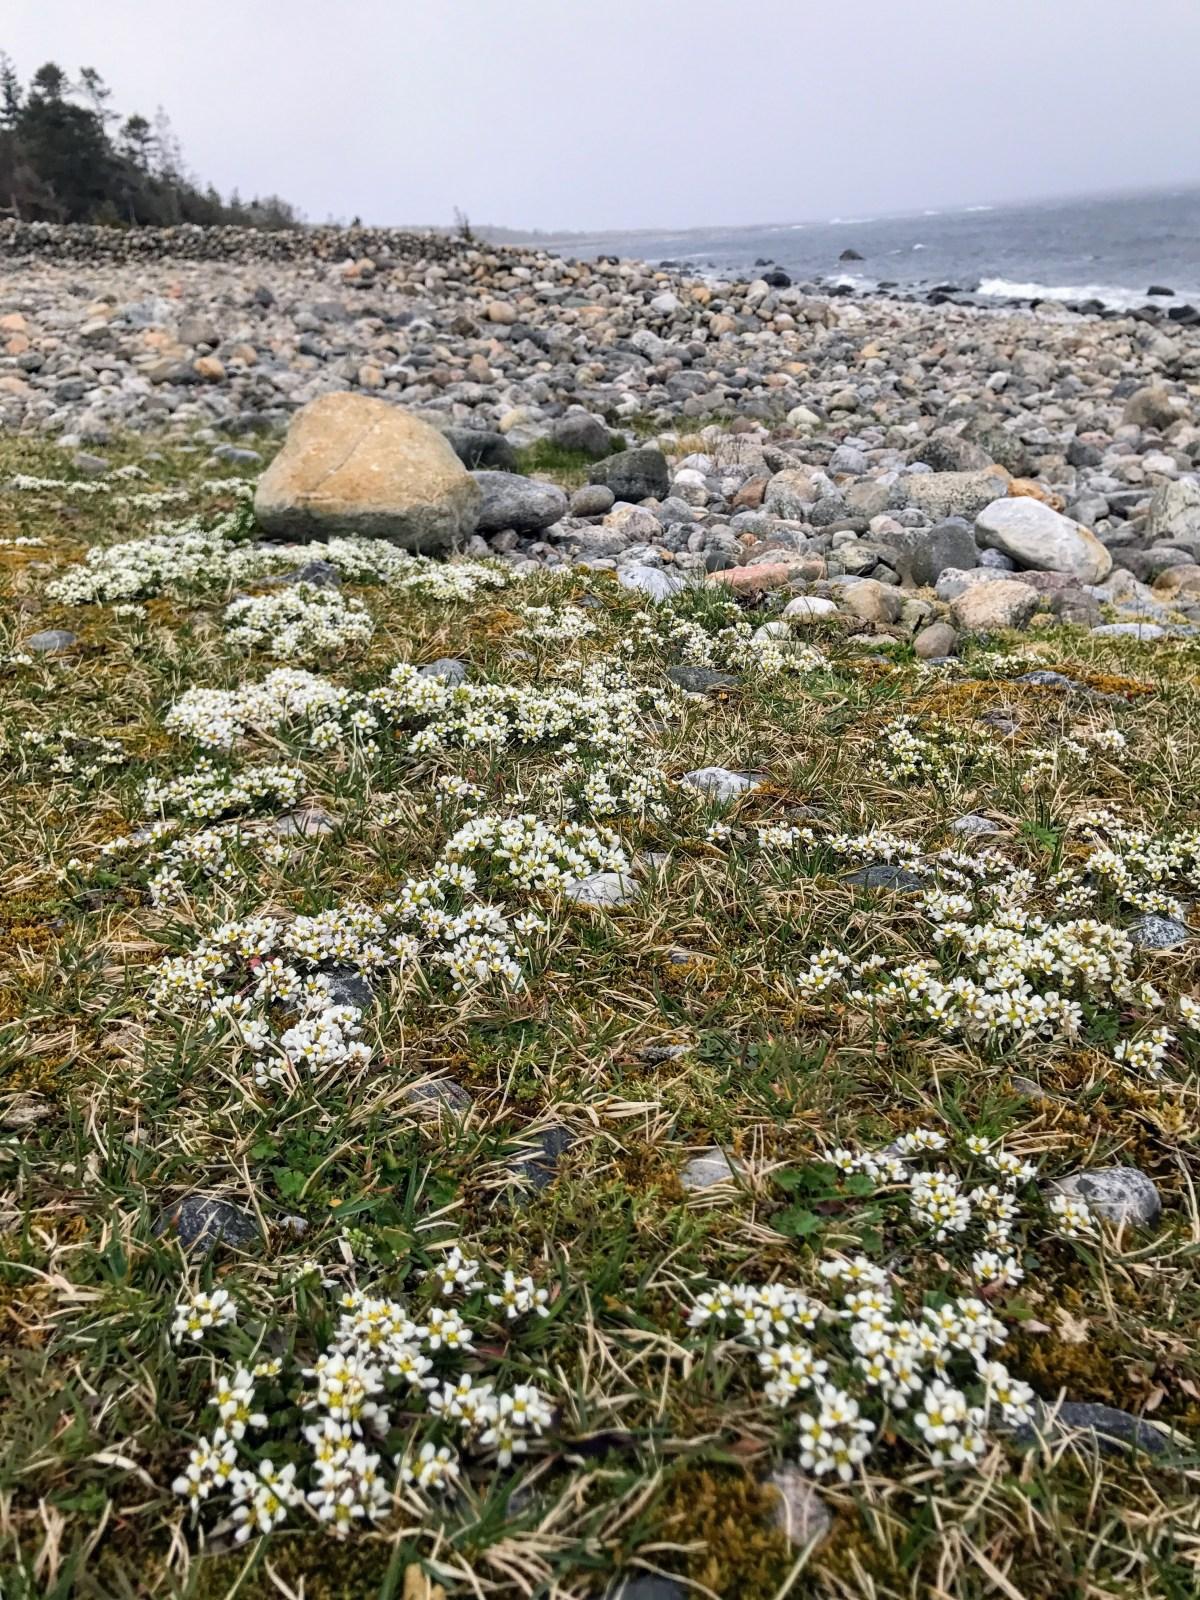 Sjørbuksurt på Jomfruland, Telemark, Norway. Foto: Cecilie Moestue/unikesteder.no